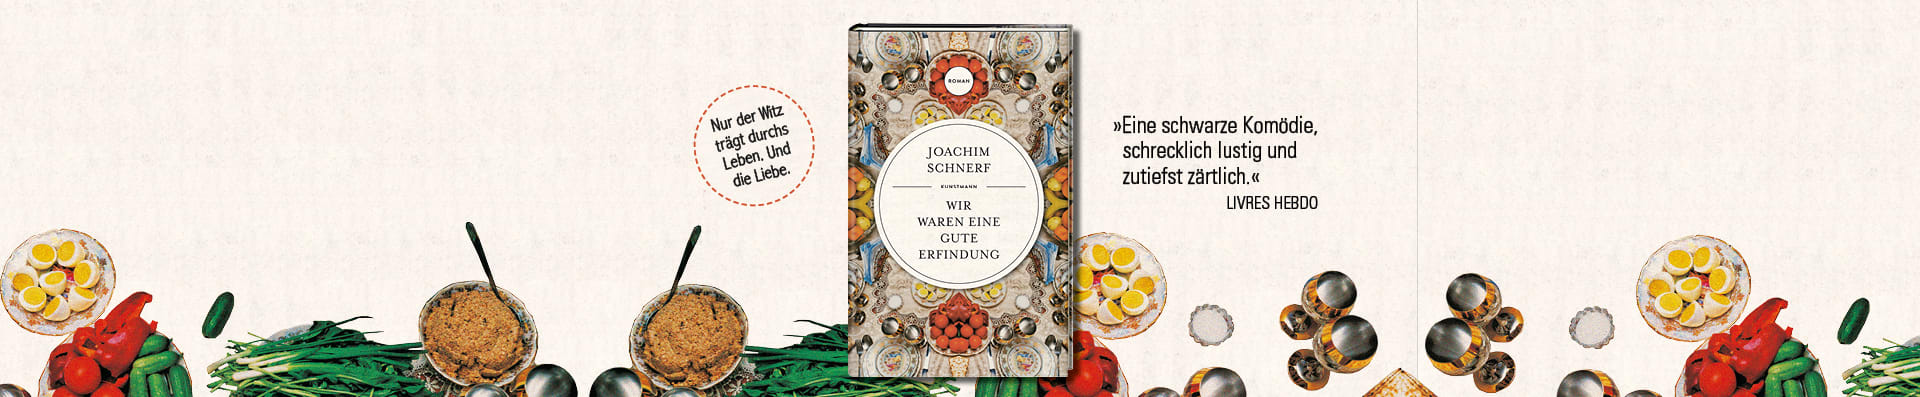 Joachim Schnerf – Wir waren eine gute Erfindung